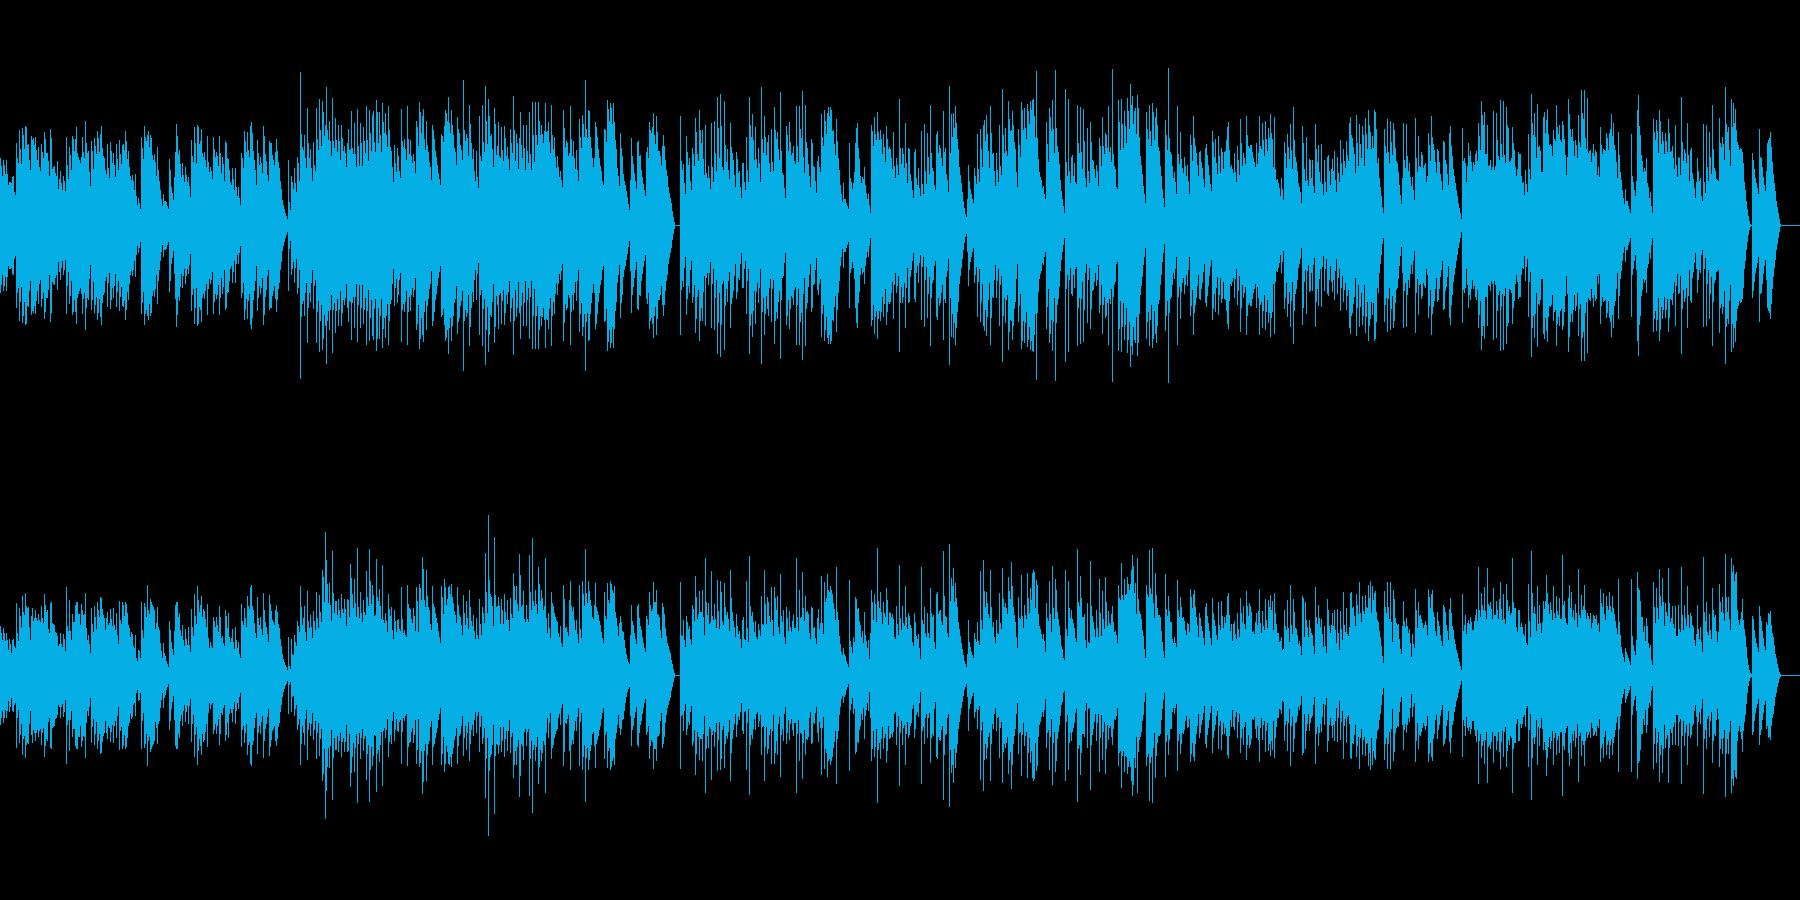 亡き王女のためのパヴァーヌ オルゴールの再生済みの波形